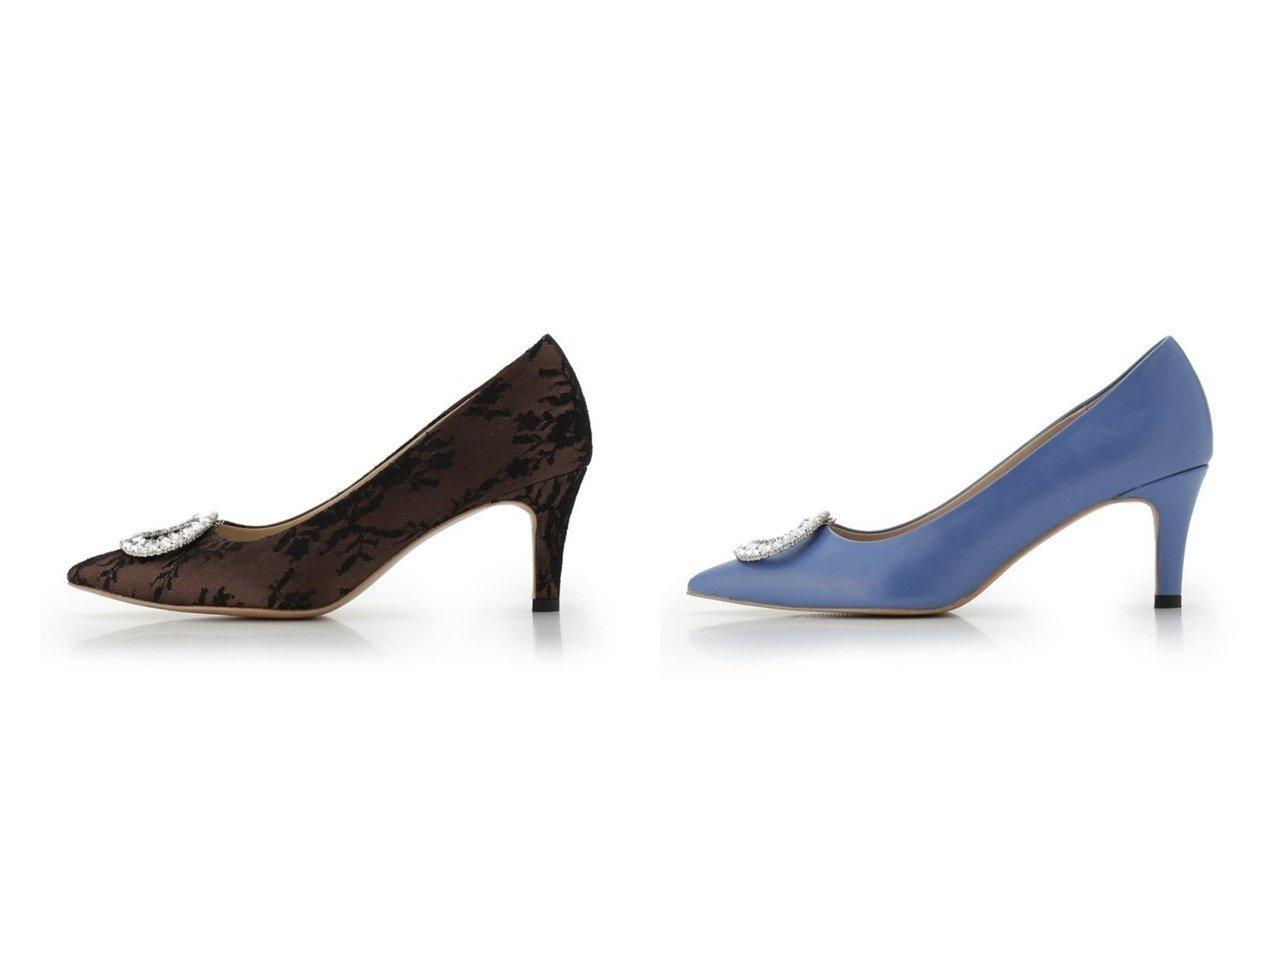 【CELFORD/セルフォード】のビジュー付きパンプス シューズ・靴のおすすめ!人気、トレンド・レディースファッションの通販 おすすめで人気の流行・トレンド、ファッションの通販商品 メンズファッション・キッズファッション・インテリア・家具・レディースファッション・服の通販 founy(ファニー) https://founy.com/ ファッション Fashion レディースファッション WOMEN オケージョン サークル シューズ ビジュー ベーシック レース 定番 Standard |ID:crp329100000012950